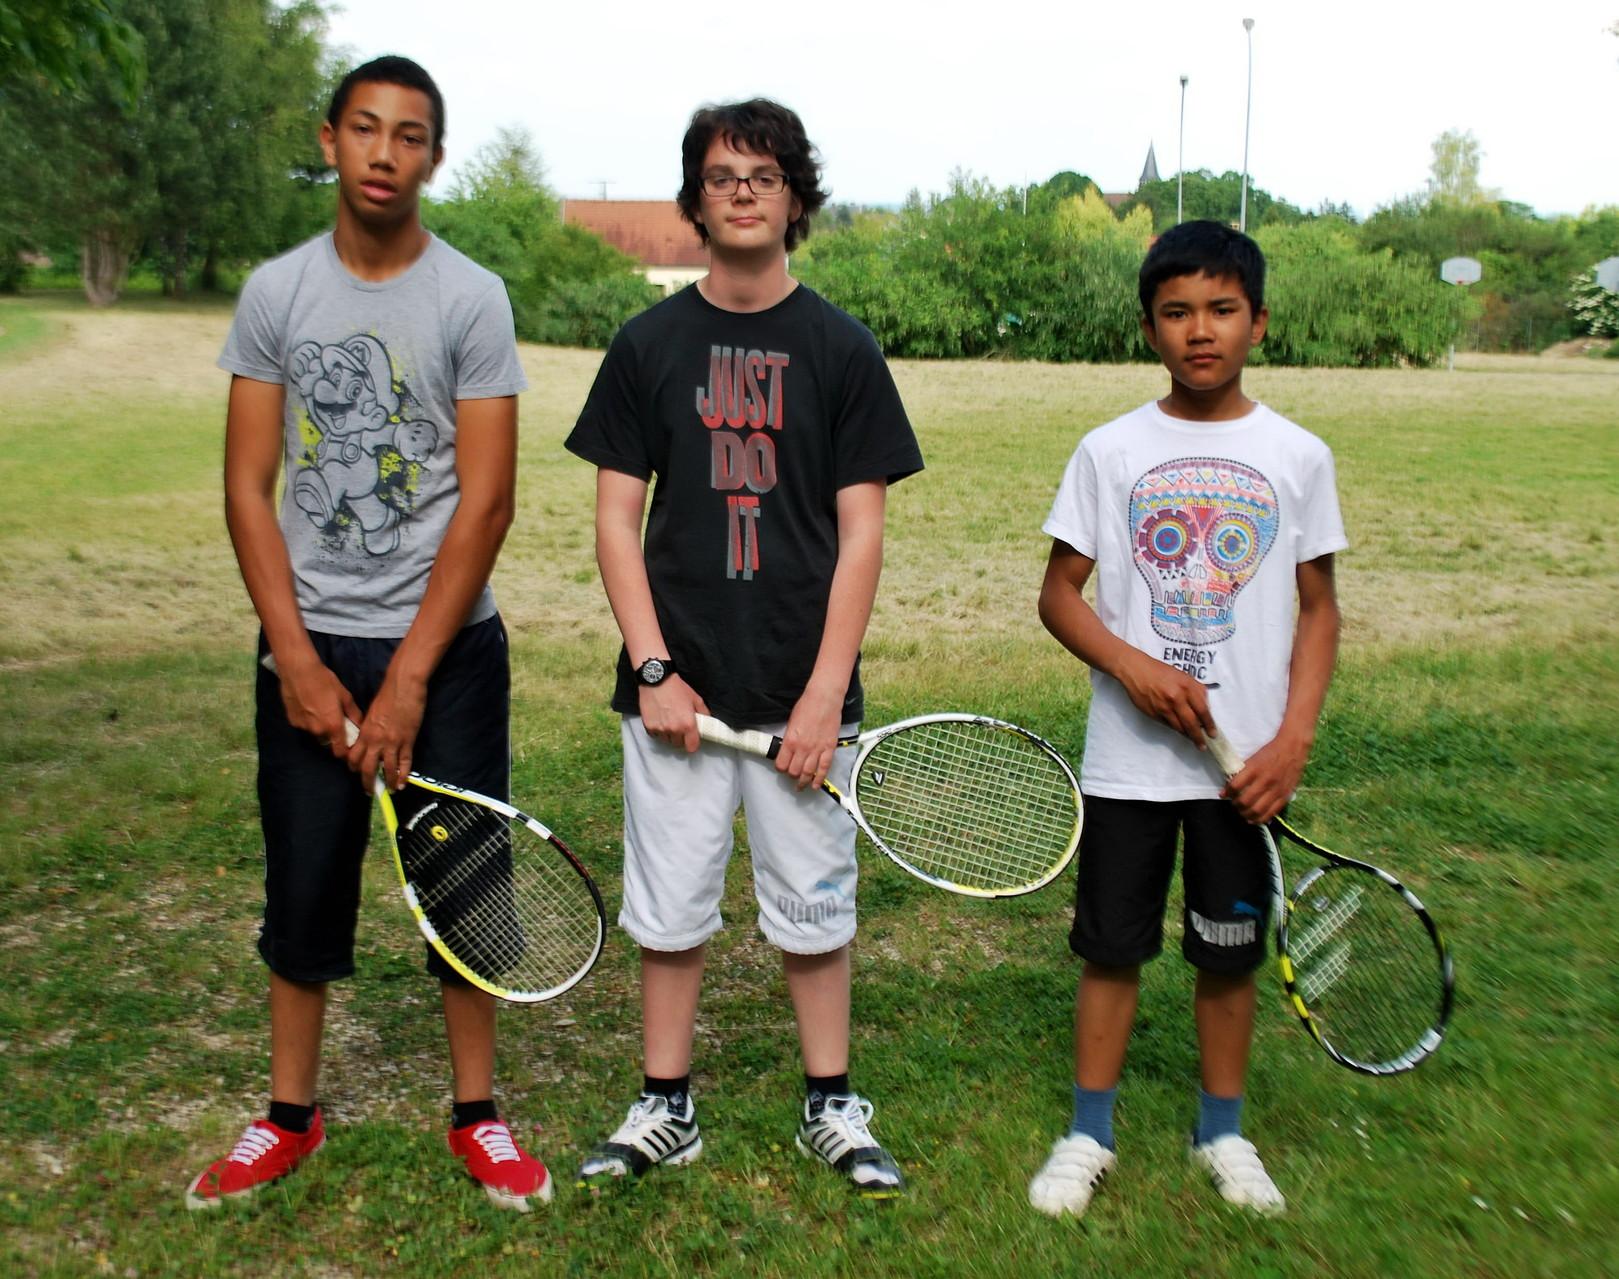 La fine équipe... De g. à droite: William, Nico, Victor